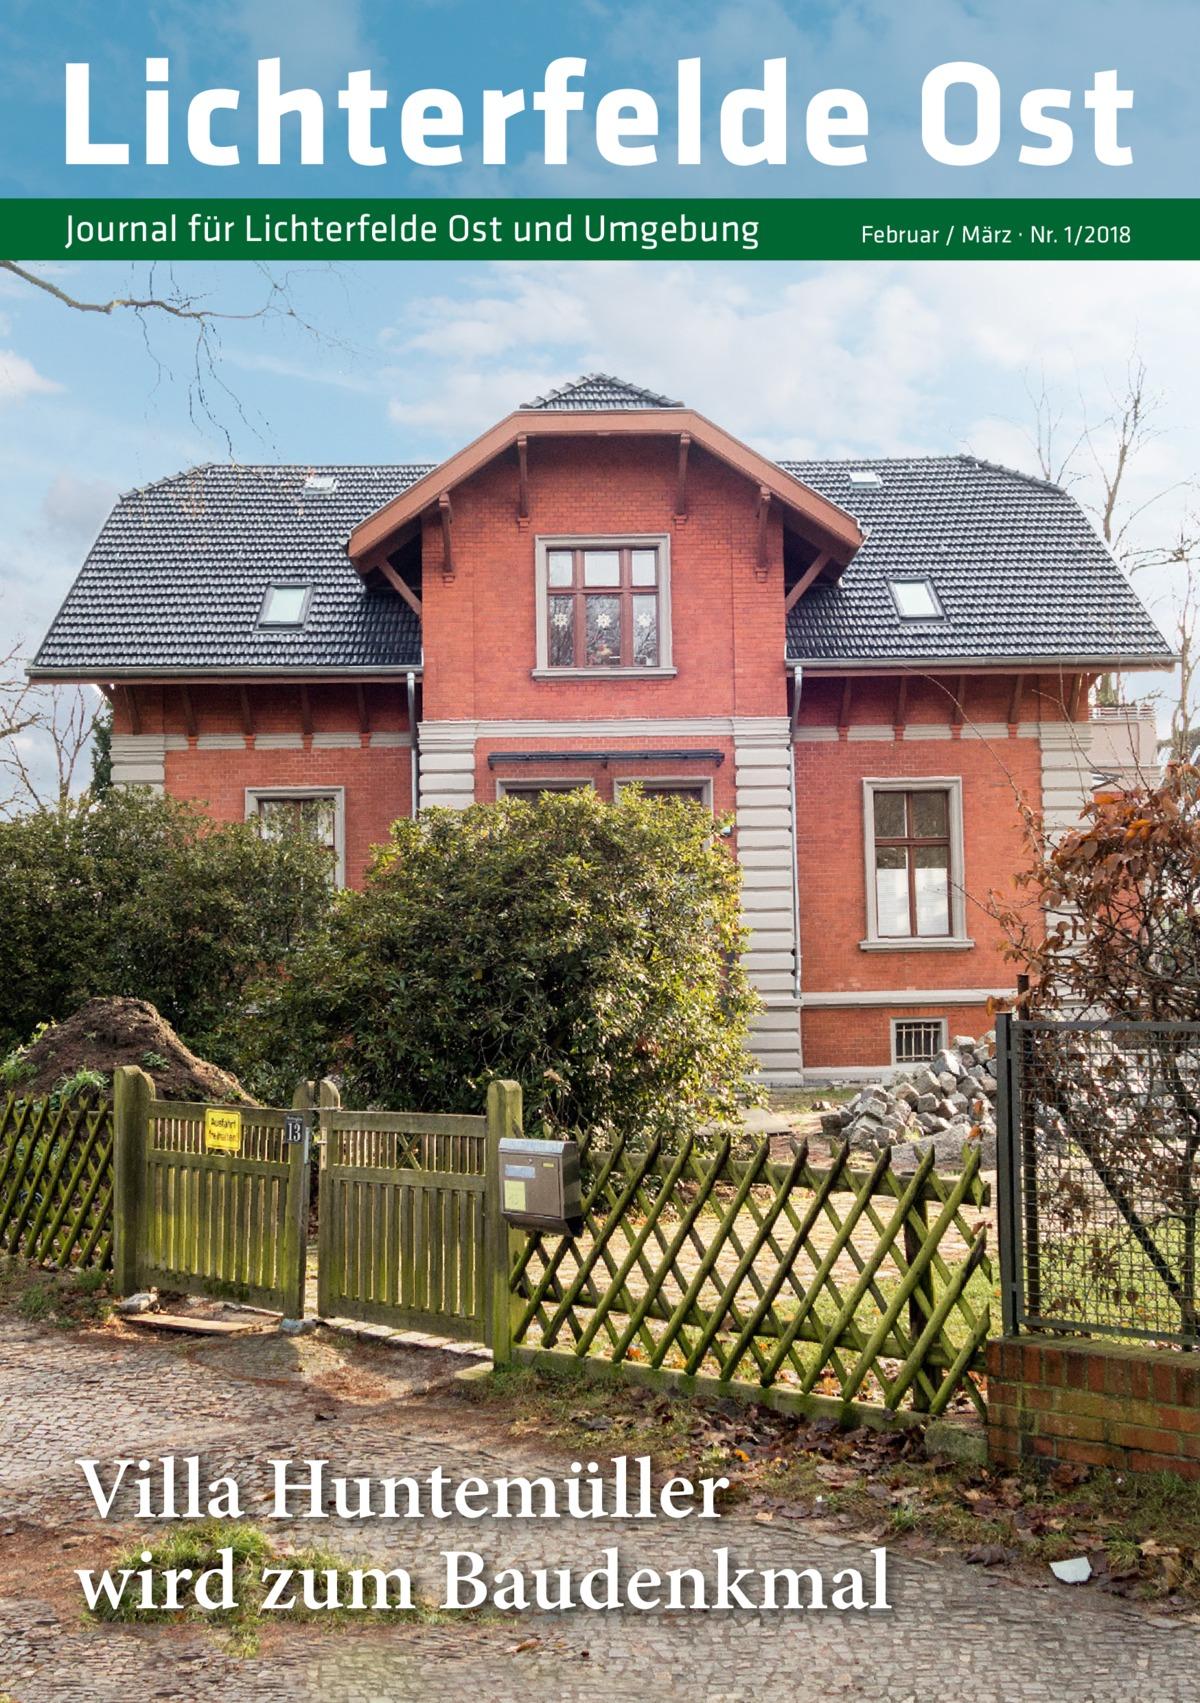 Lichterfelde Ost Journal für Lichterfelde Ost und Umgebung  Februar / März · Nr. 1/2018  Villa Huntemüller wird zum Baudenkmal